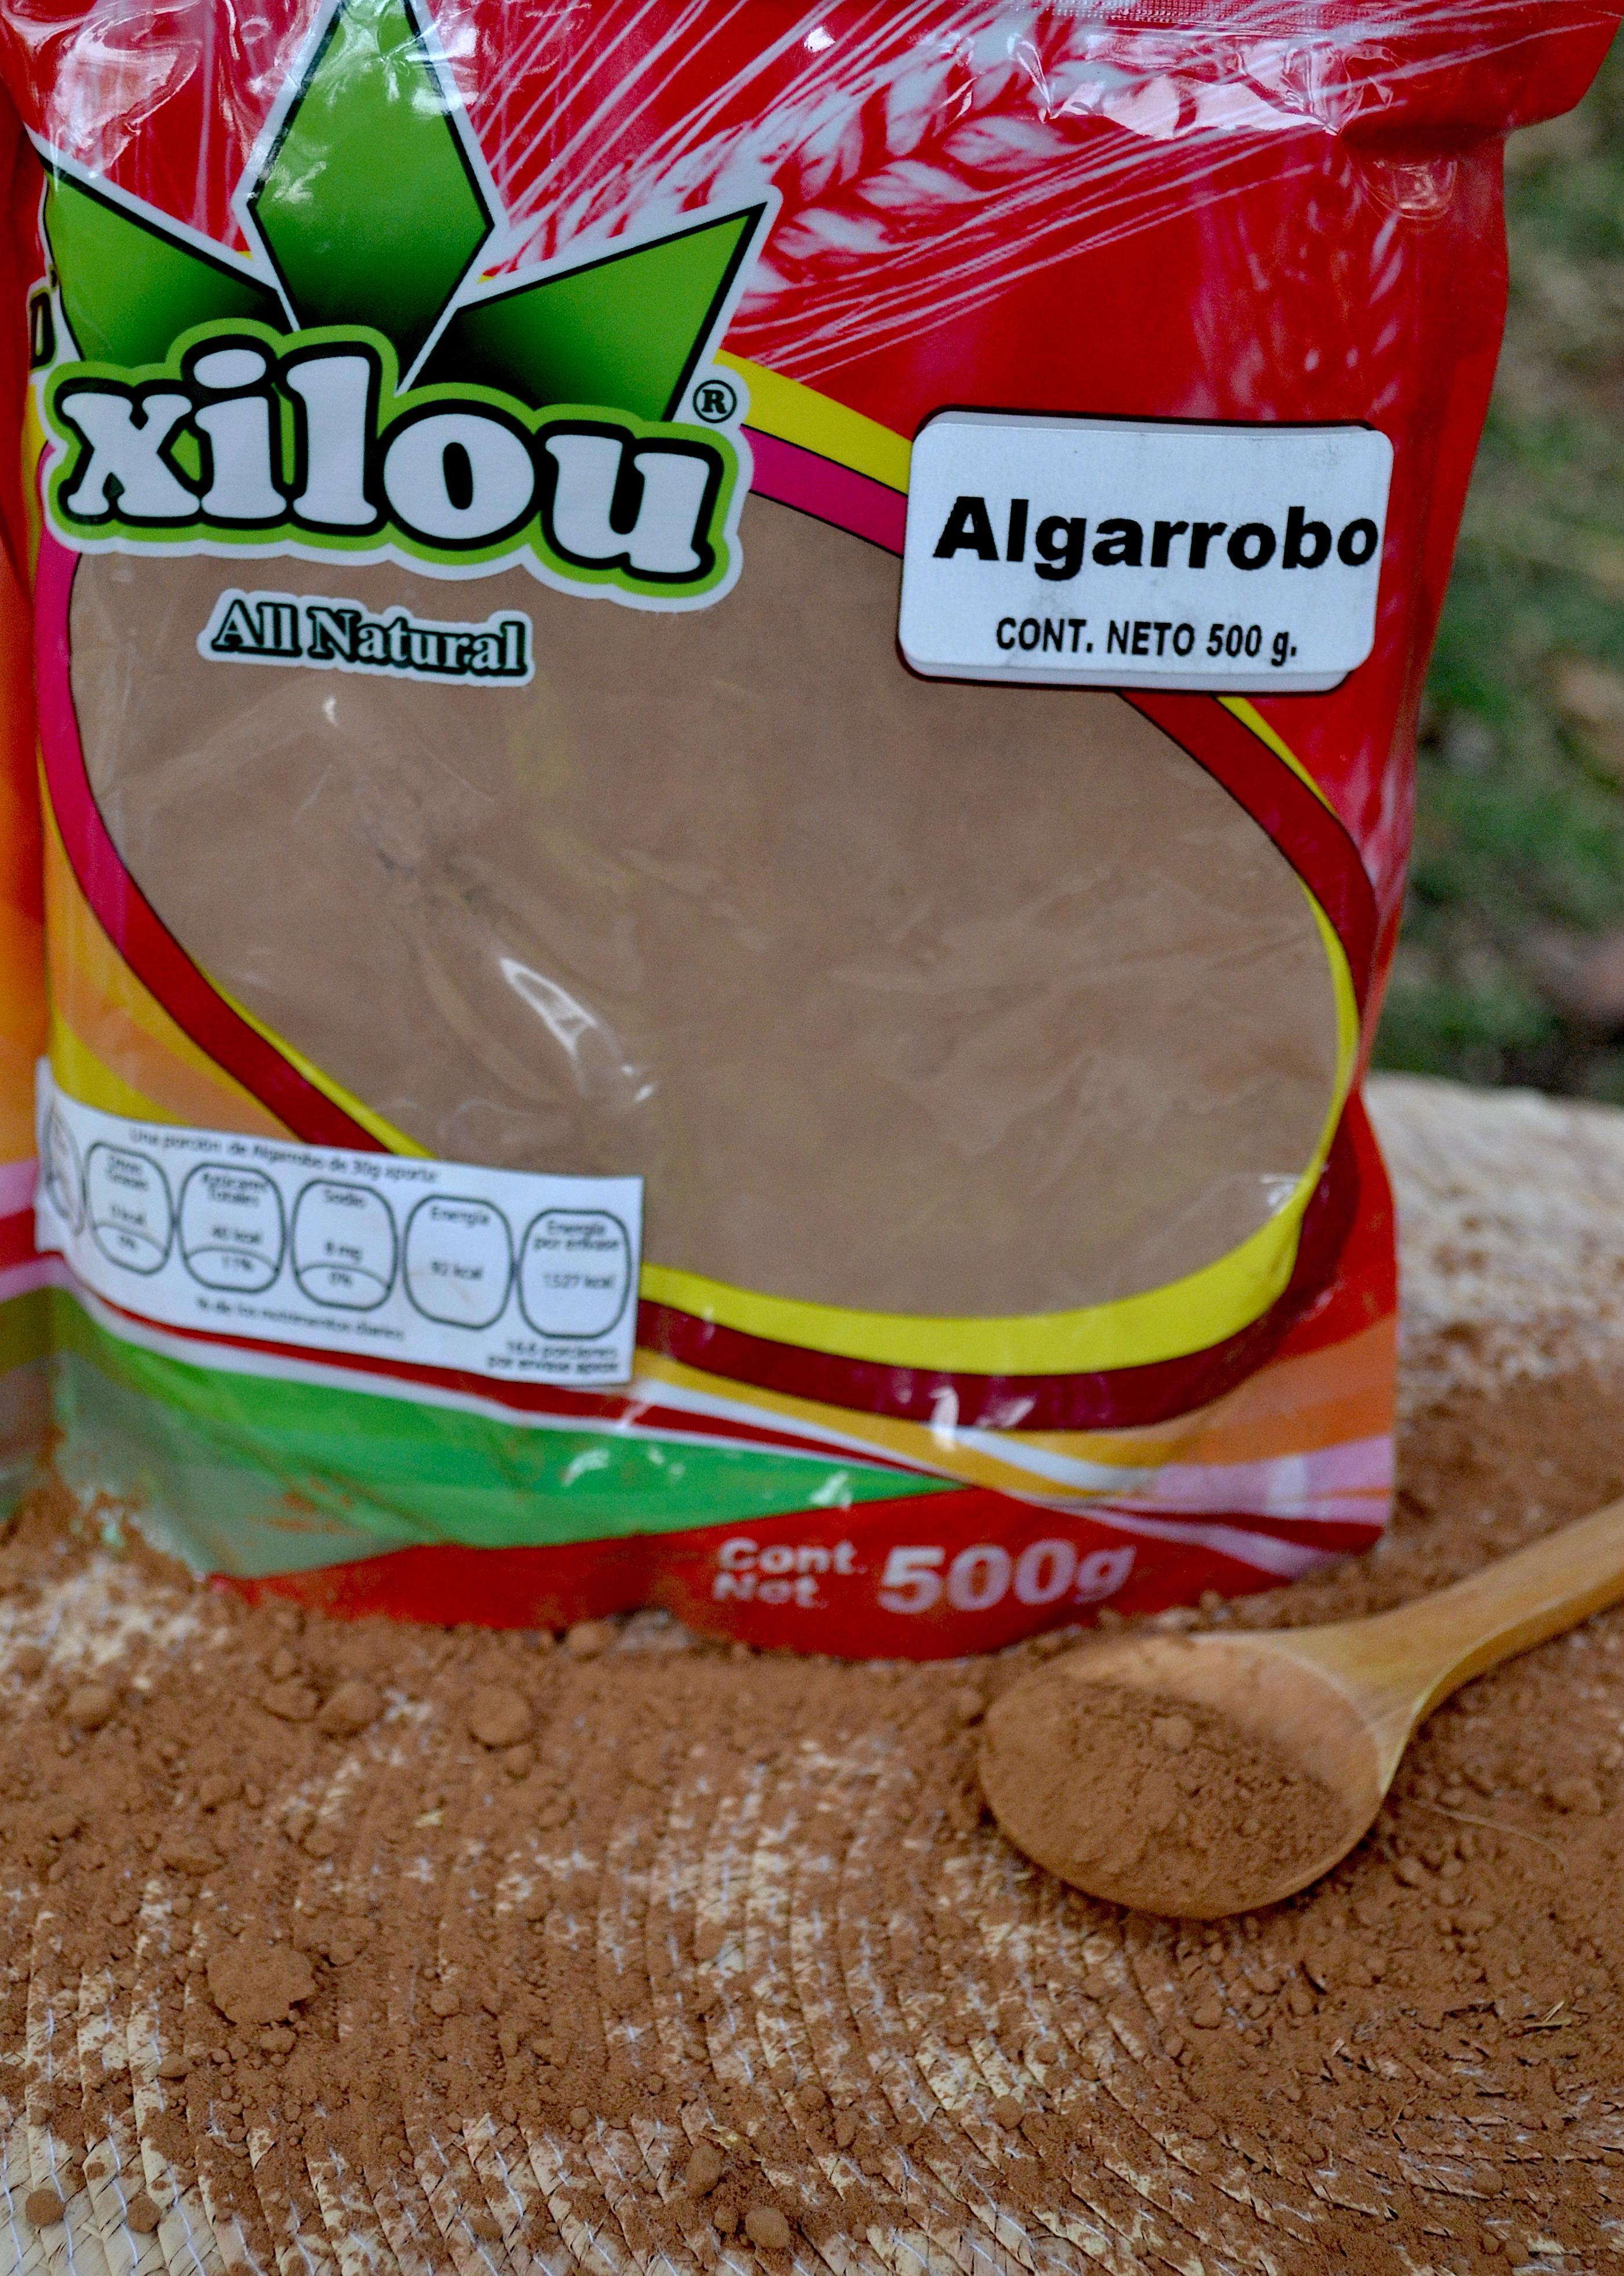 Algarrobo 500g.